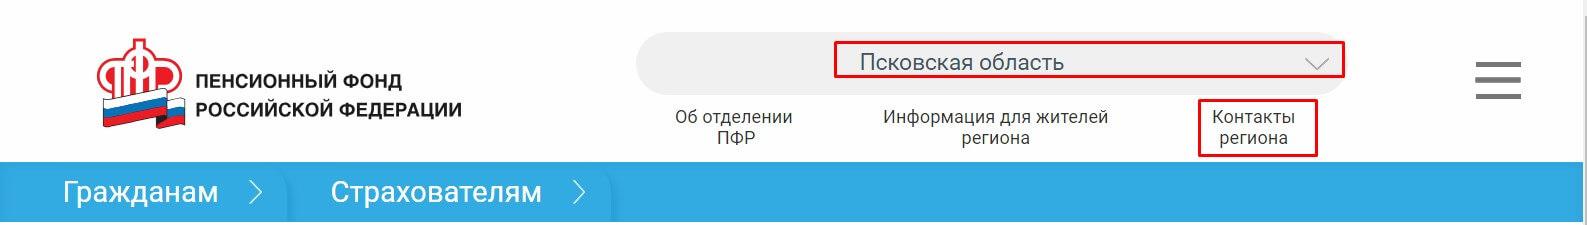 Пенсионный фонд Астраханской области